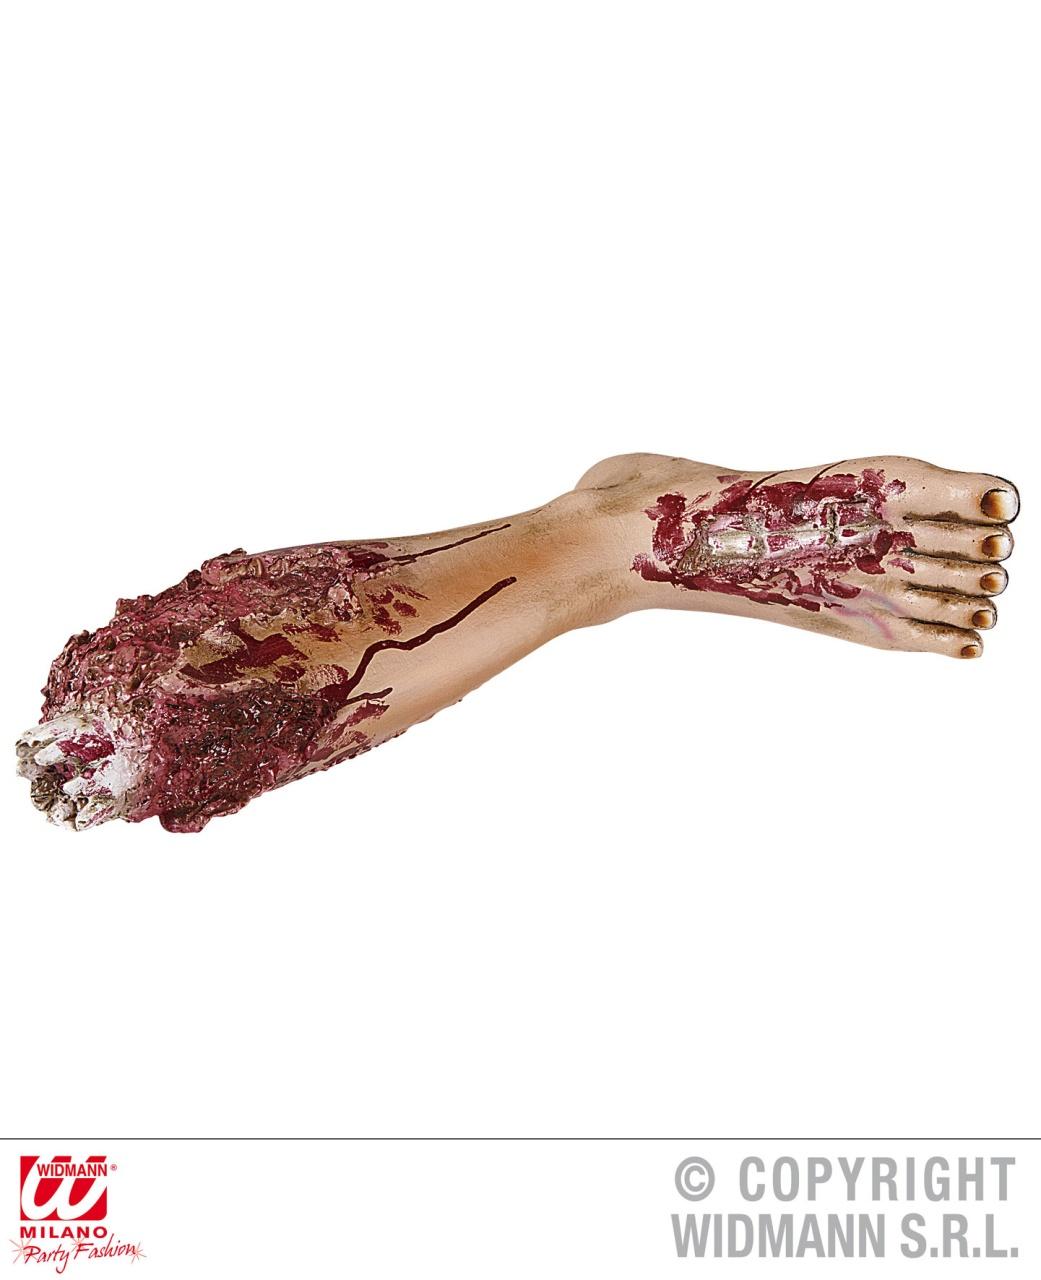 Bein blutig ca 45 cm